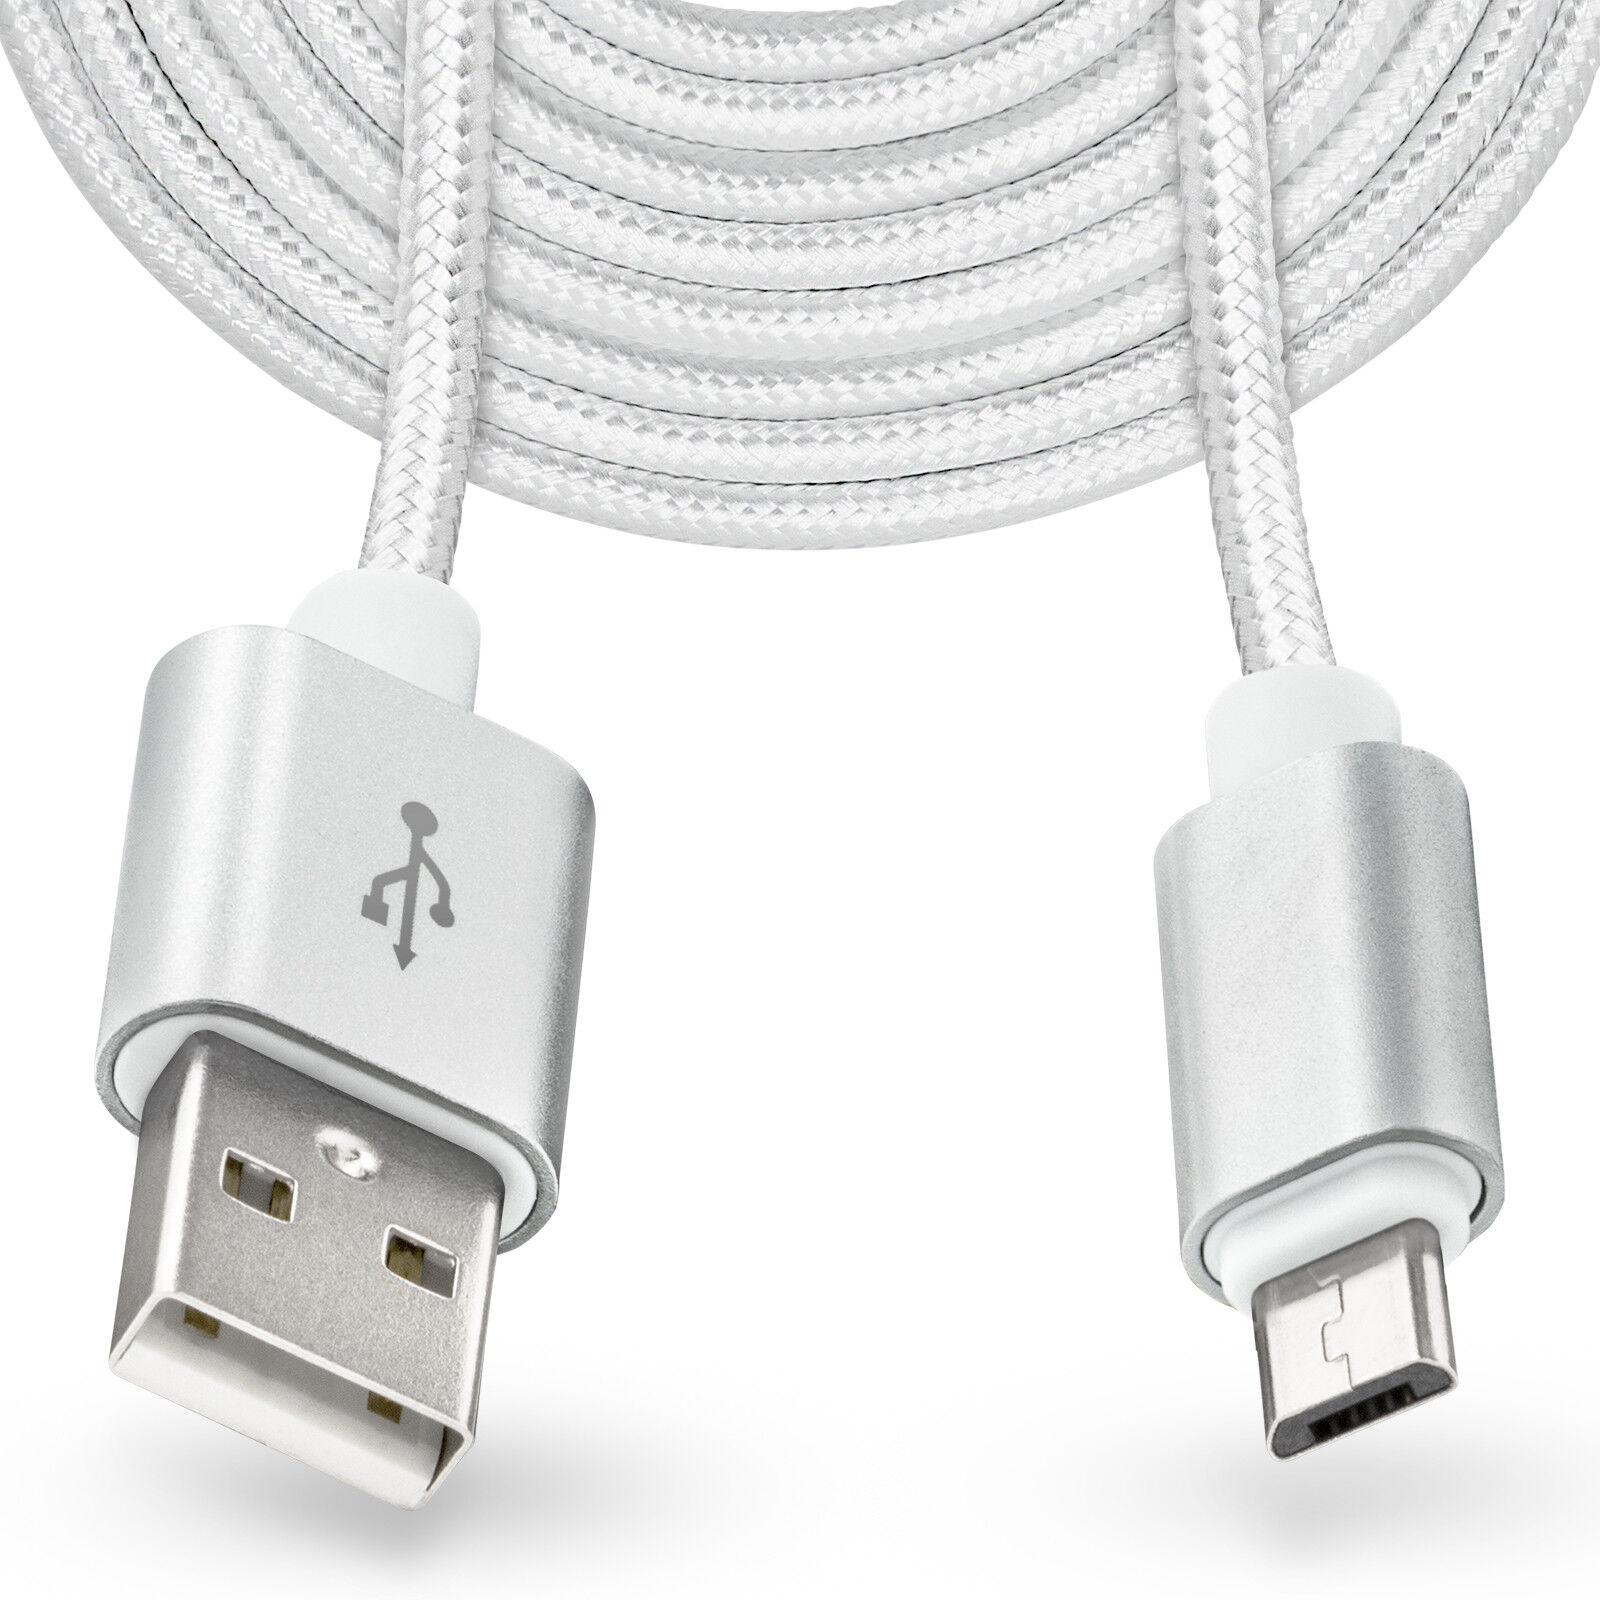 Samsung Galaxy A3 2016 Ladekabel für Samsung USB Ladekabel